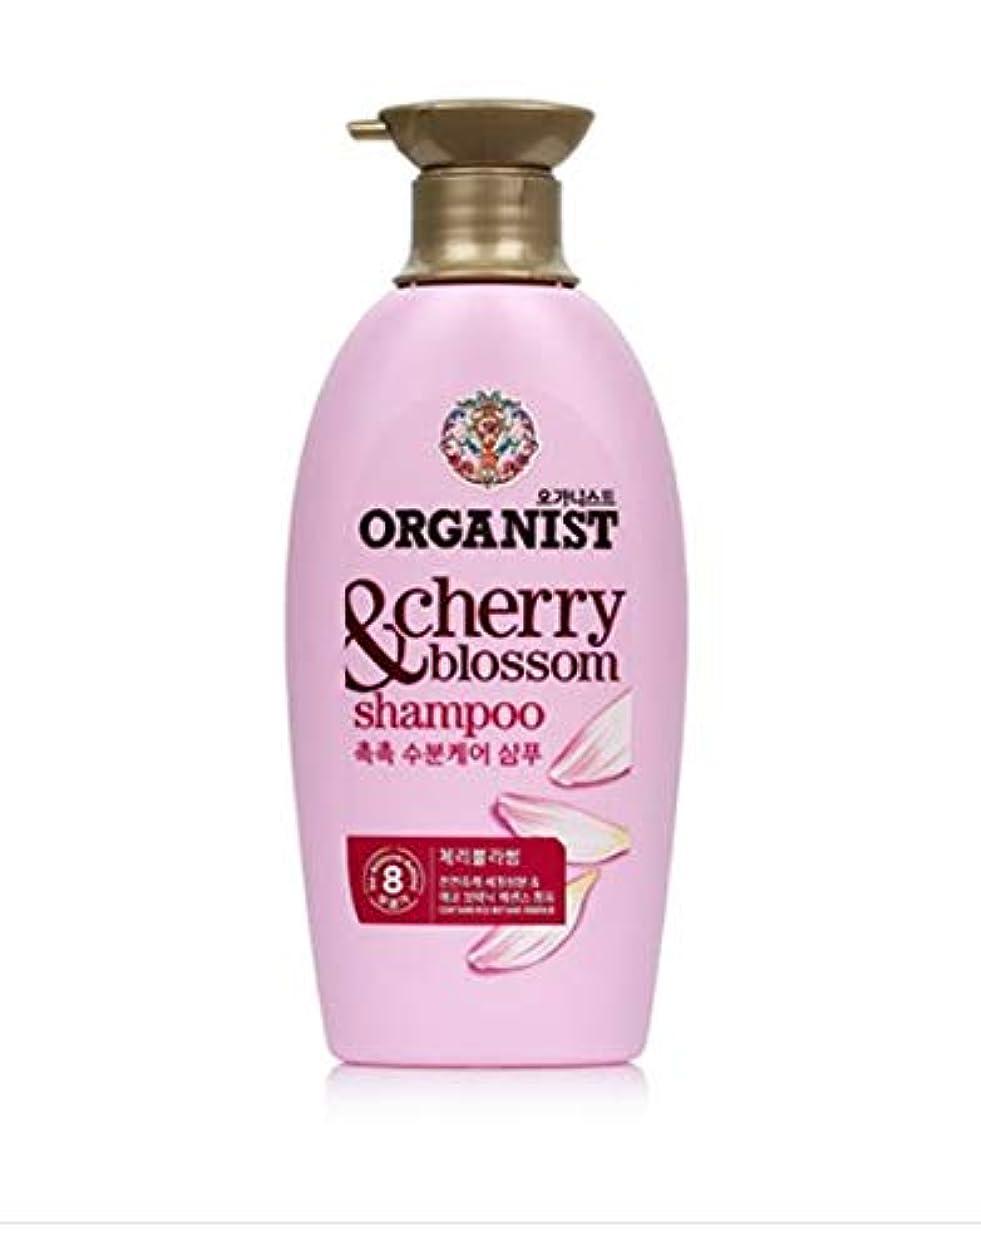 ダイジェストケープ彼自身オーガニスト (ORGANIST)チェリーブロッサムシャンプー500ml/ ORGANIST Cherry Blossom Hydrating Shampoo 500ml [並行輸入品]